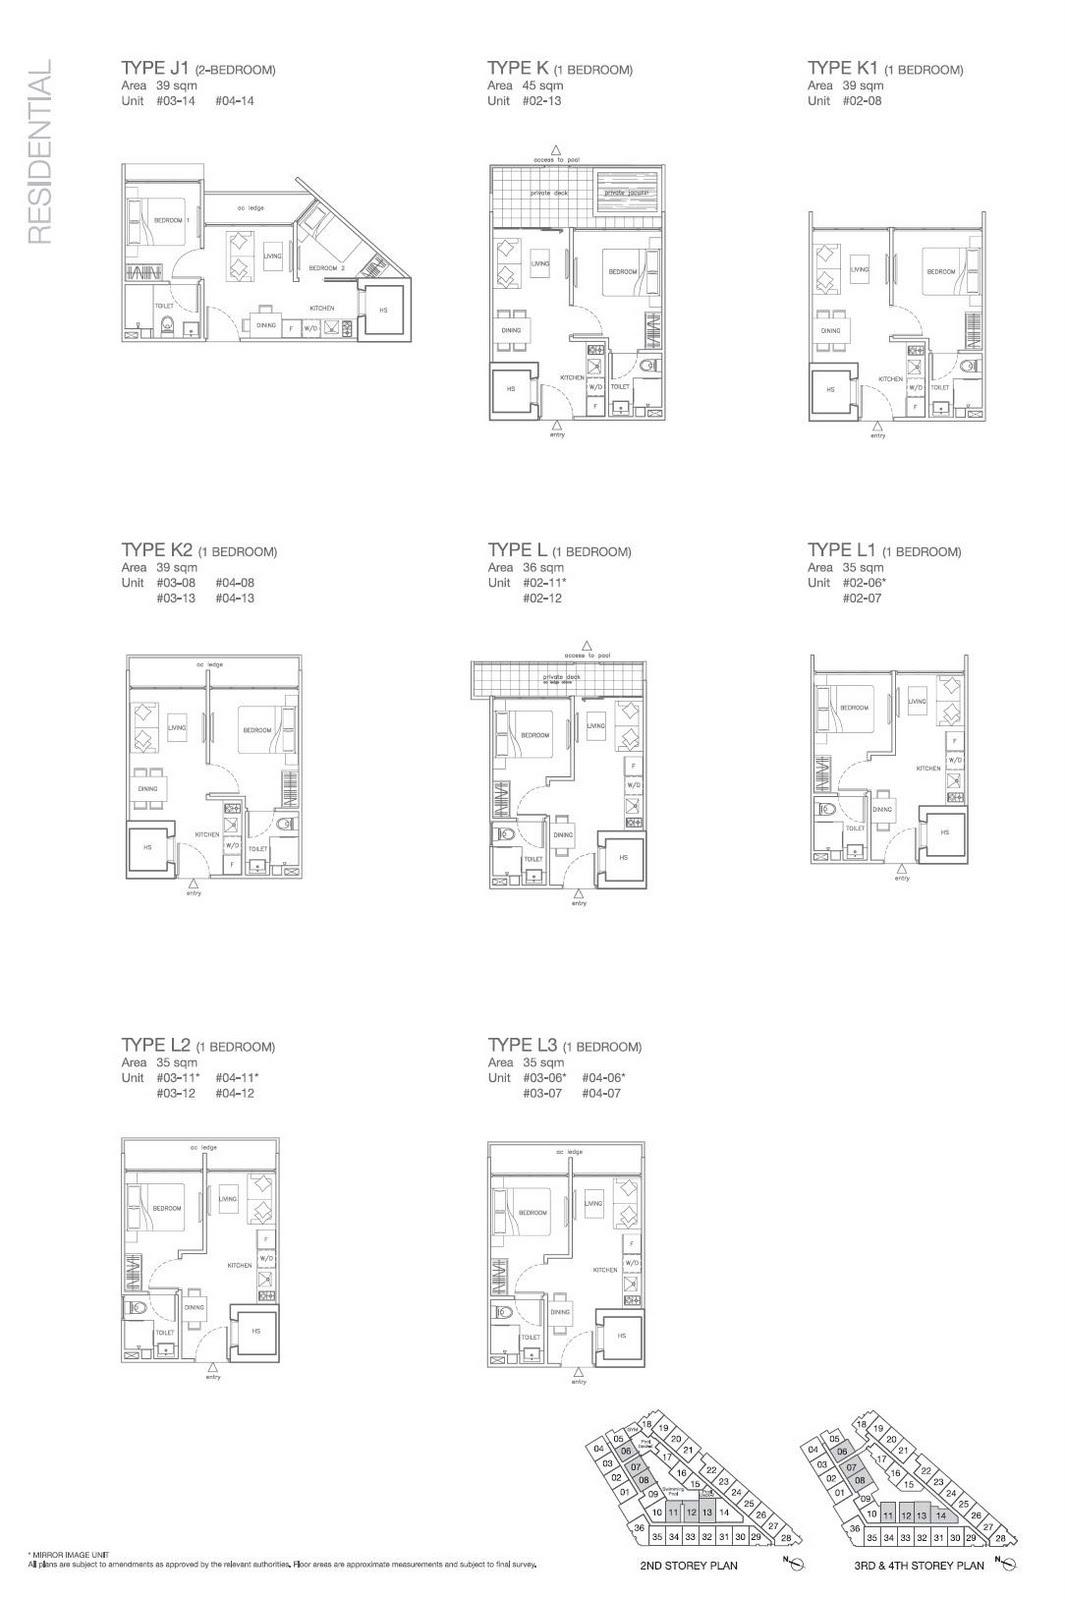 J1 K K1 K2 L L1 L2 L3 Floorplan